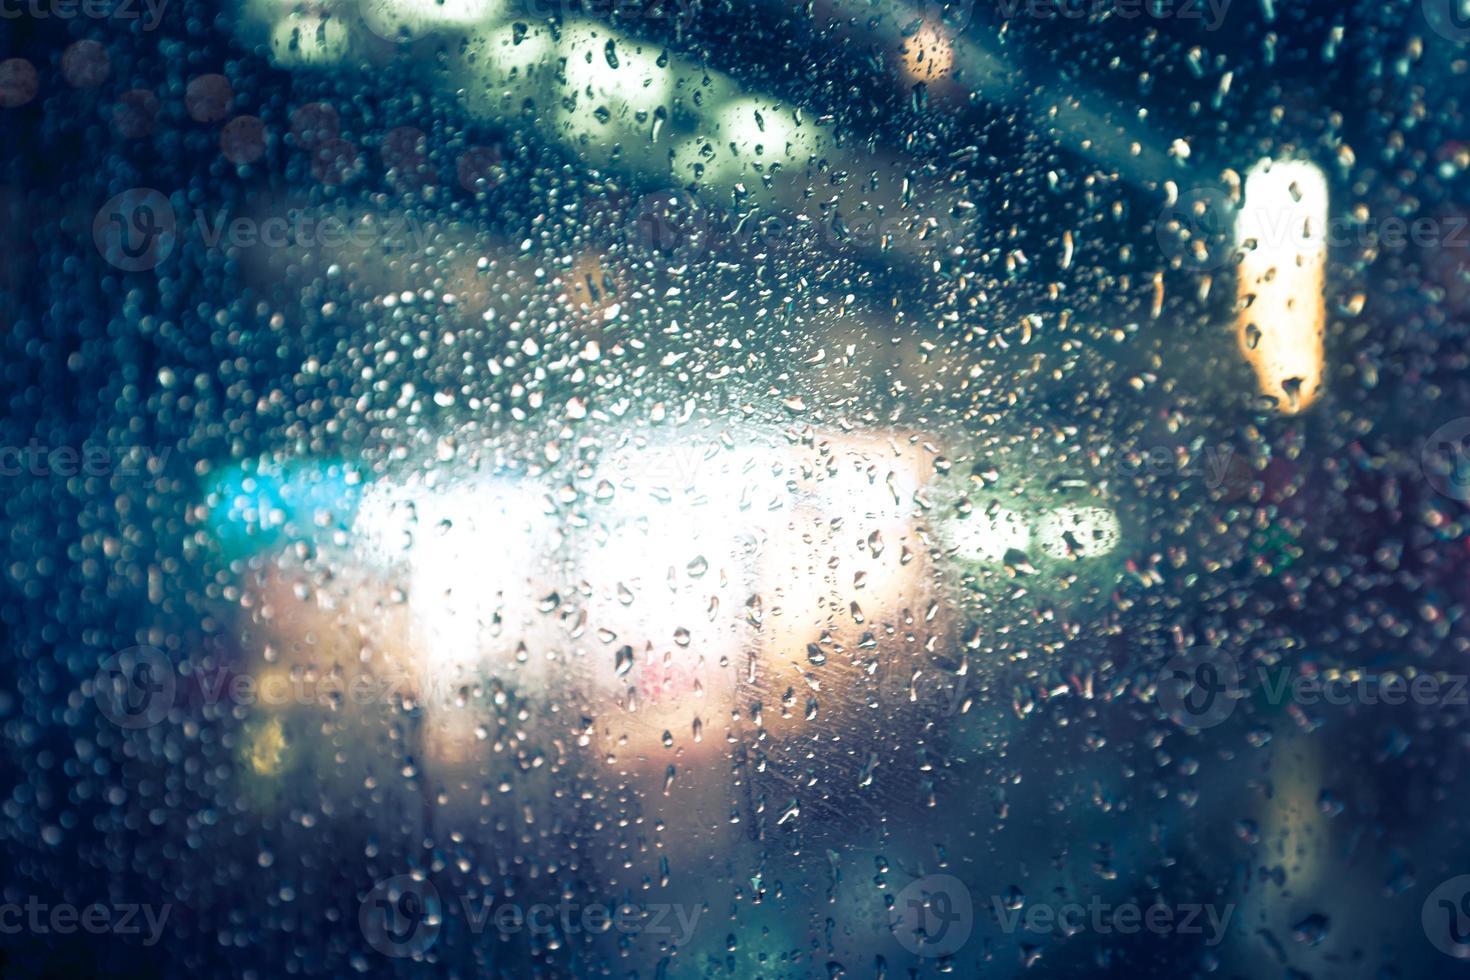 bokeh defocused bakgrund av staden regnar ljus och natt foto